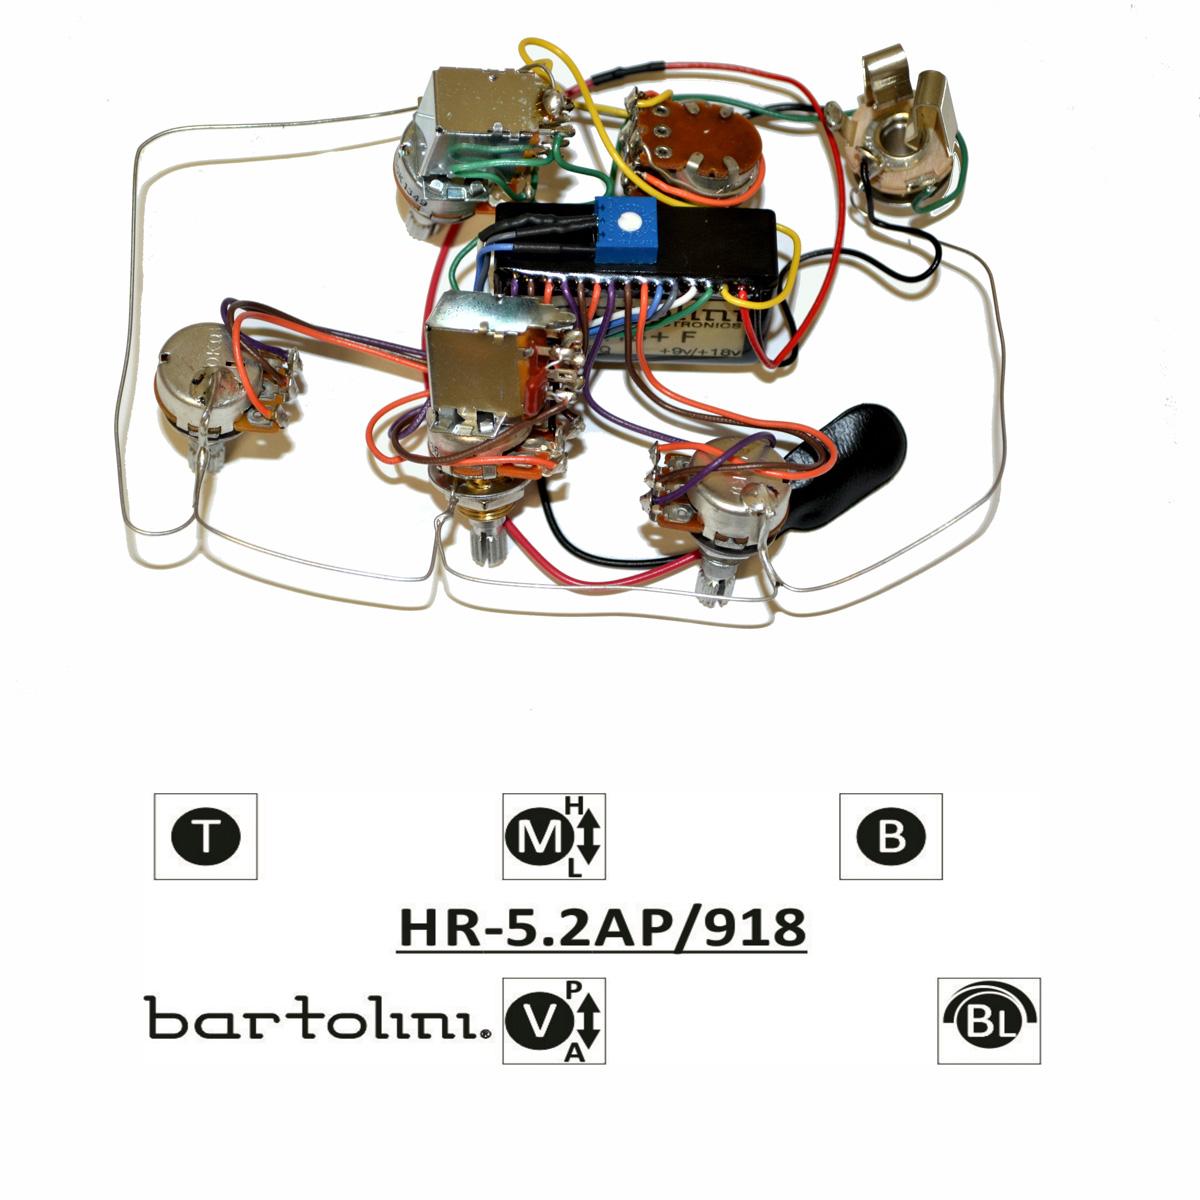 Bartolini HR-5.2AP Pre-Wired 3 Band EQ Active/Passive Vol, blend, treble, bass, push/pull mid